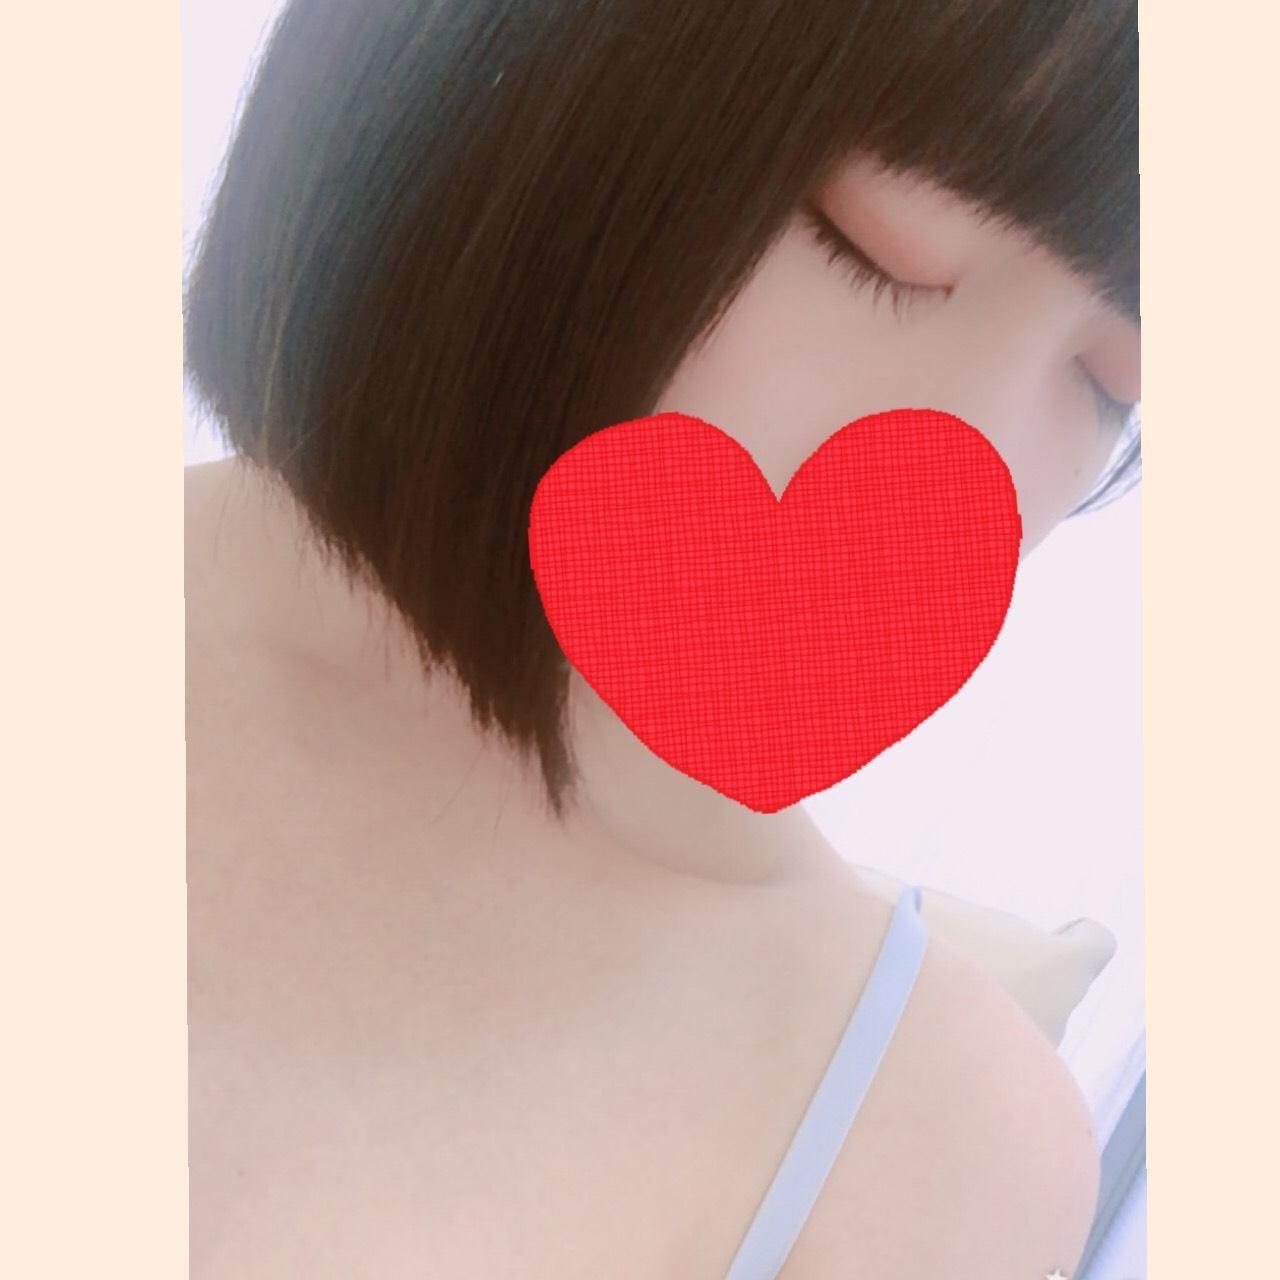 「こんばんわ(*´?`*)」09/01(土) 16:49 | アスカの写メ・風俗動画